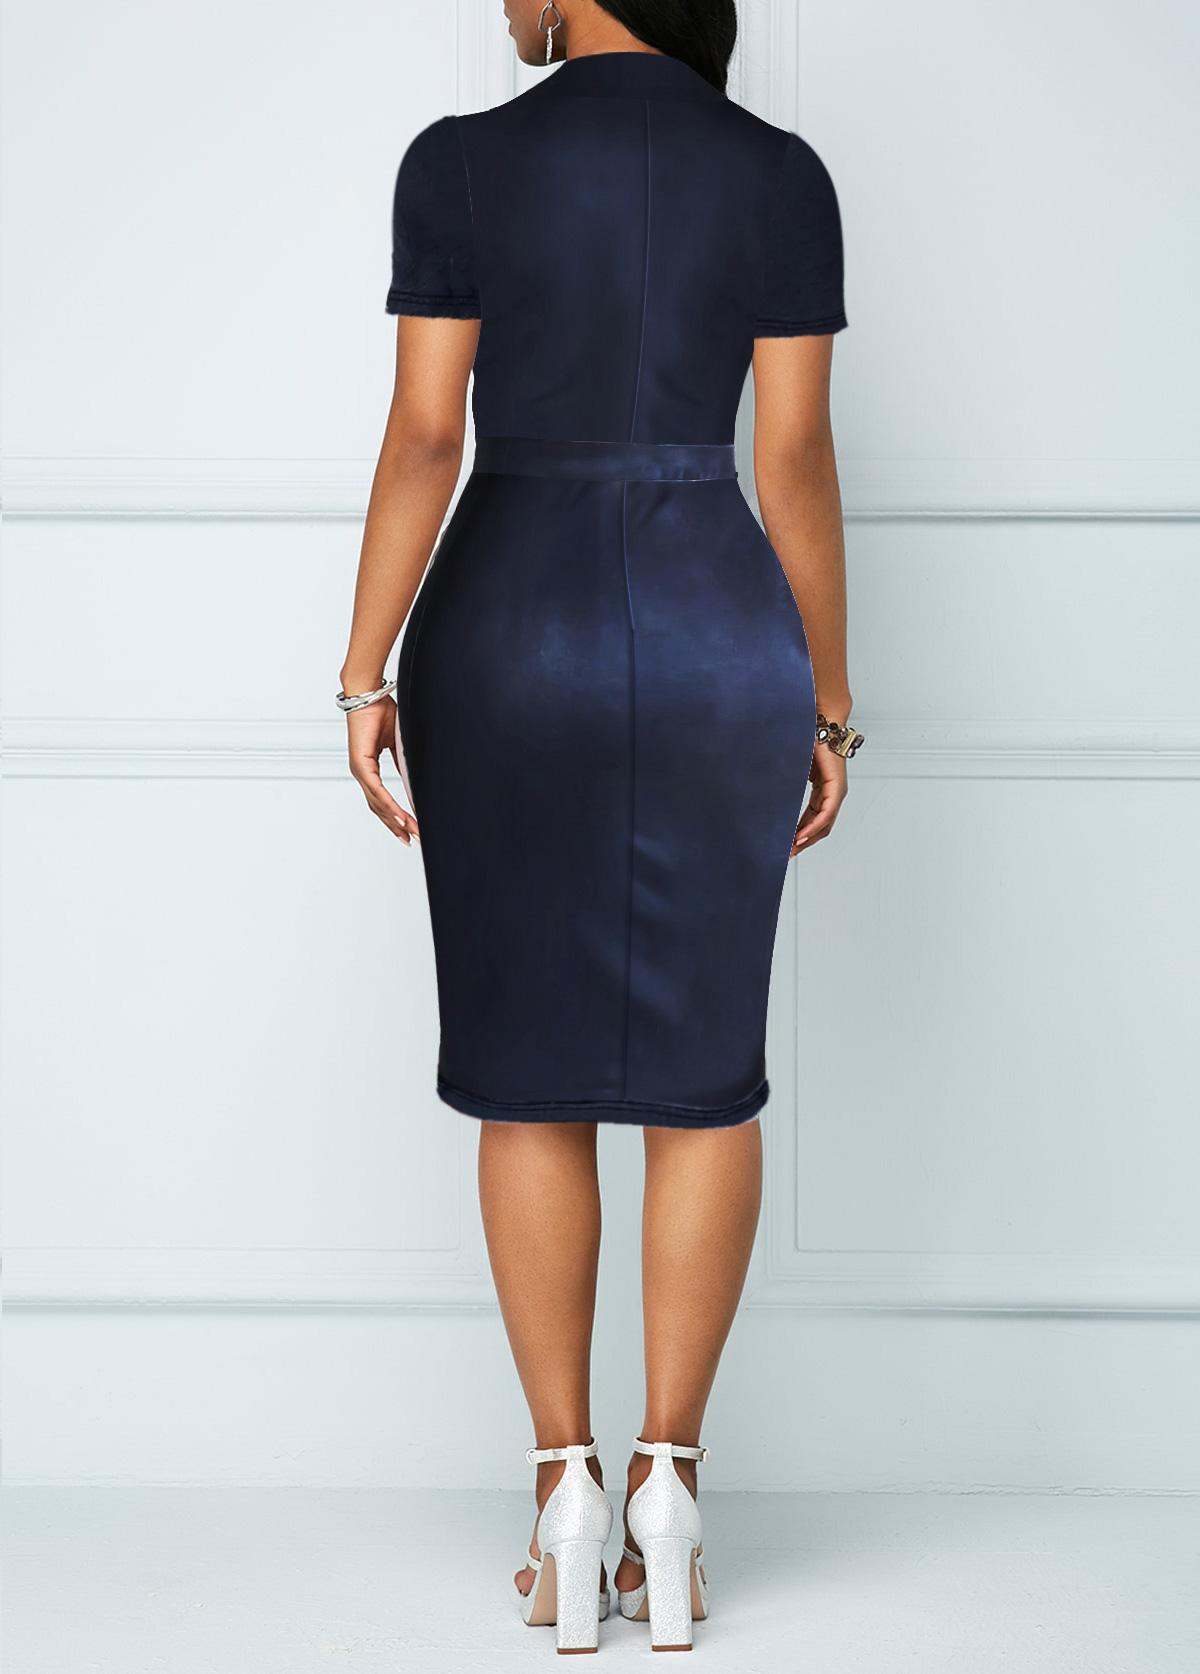 Turndown Collar Chest Pocket Button Up Denim Dress